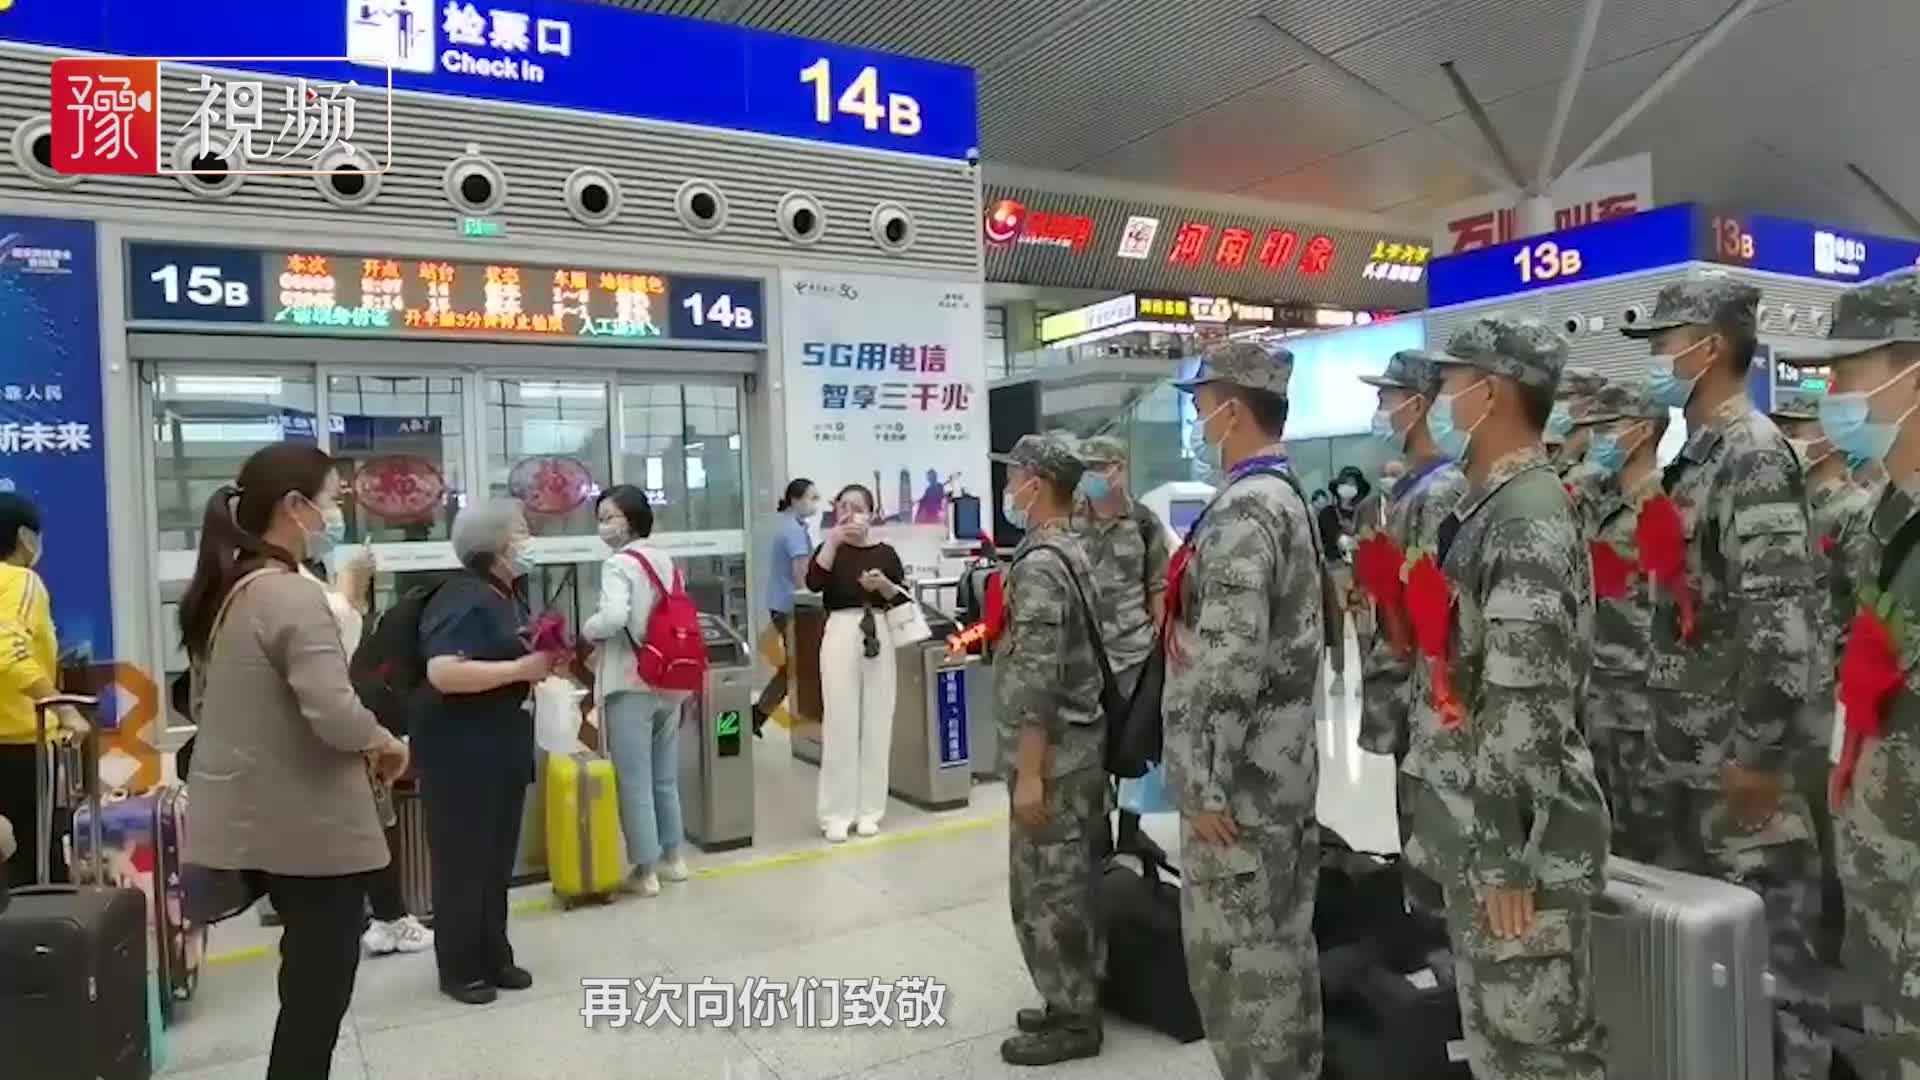 郑州一老教师车站遇新兵,激切致辞并敬礼,获军人齐刷刷回礼!